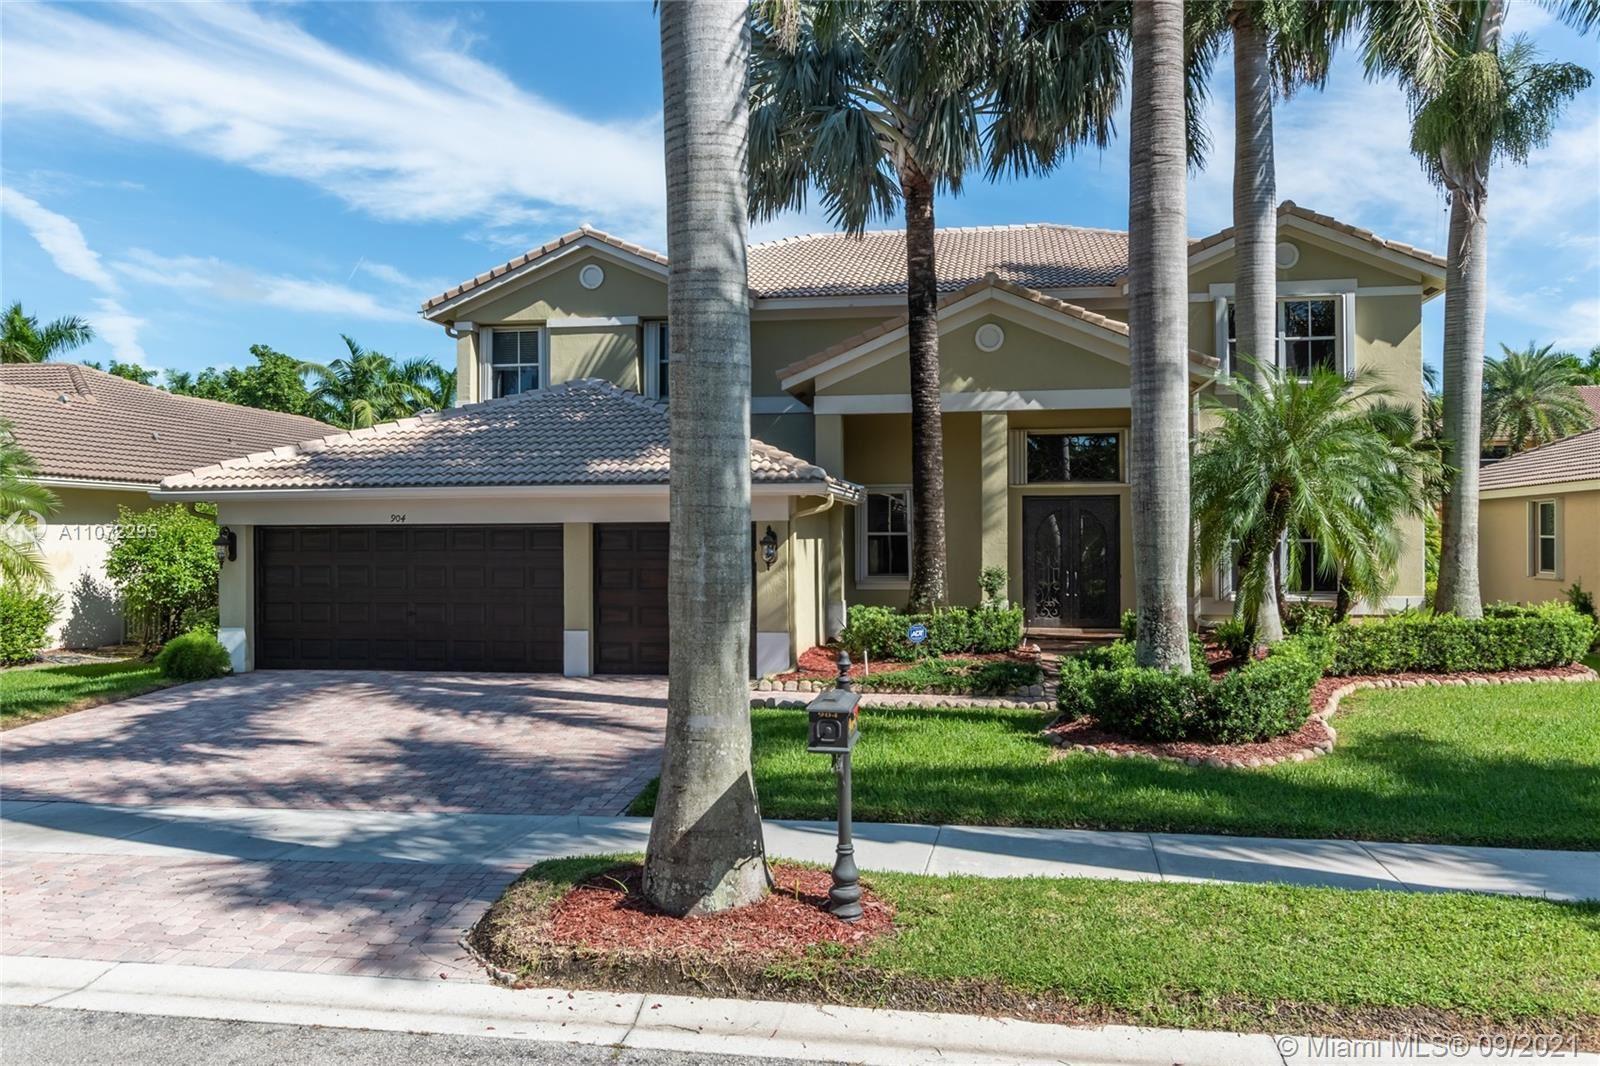 Photo of 904 Stillwater Ct, Weston, FL 33327 (MLS # A11072295)